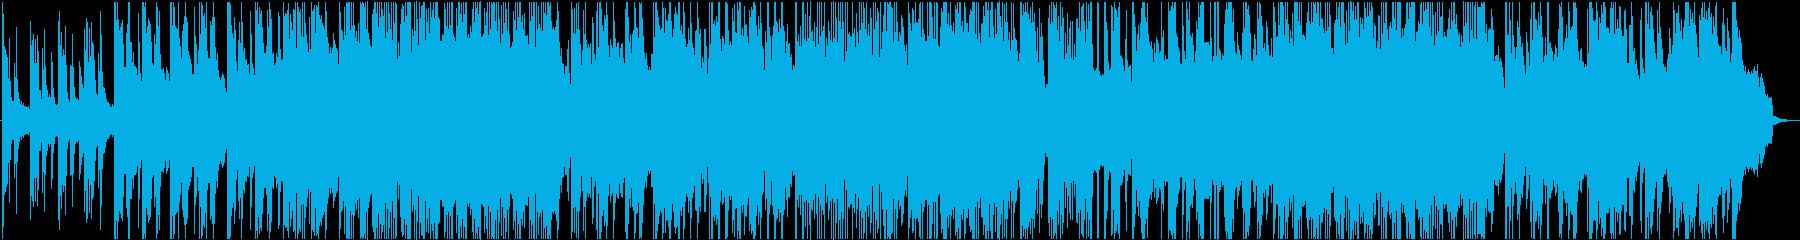 ミドルテンポくらいの、ほぼピアノのソロの再生済みの波形